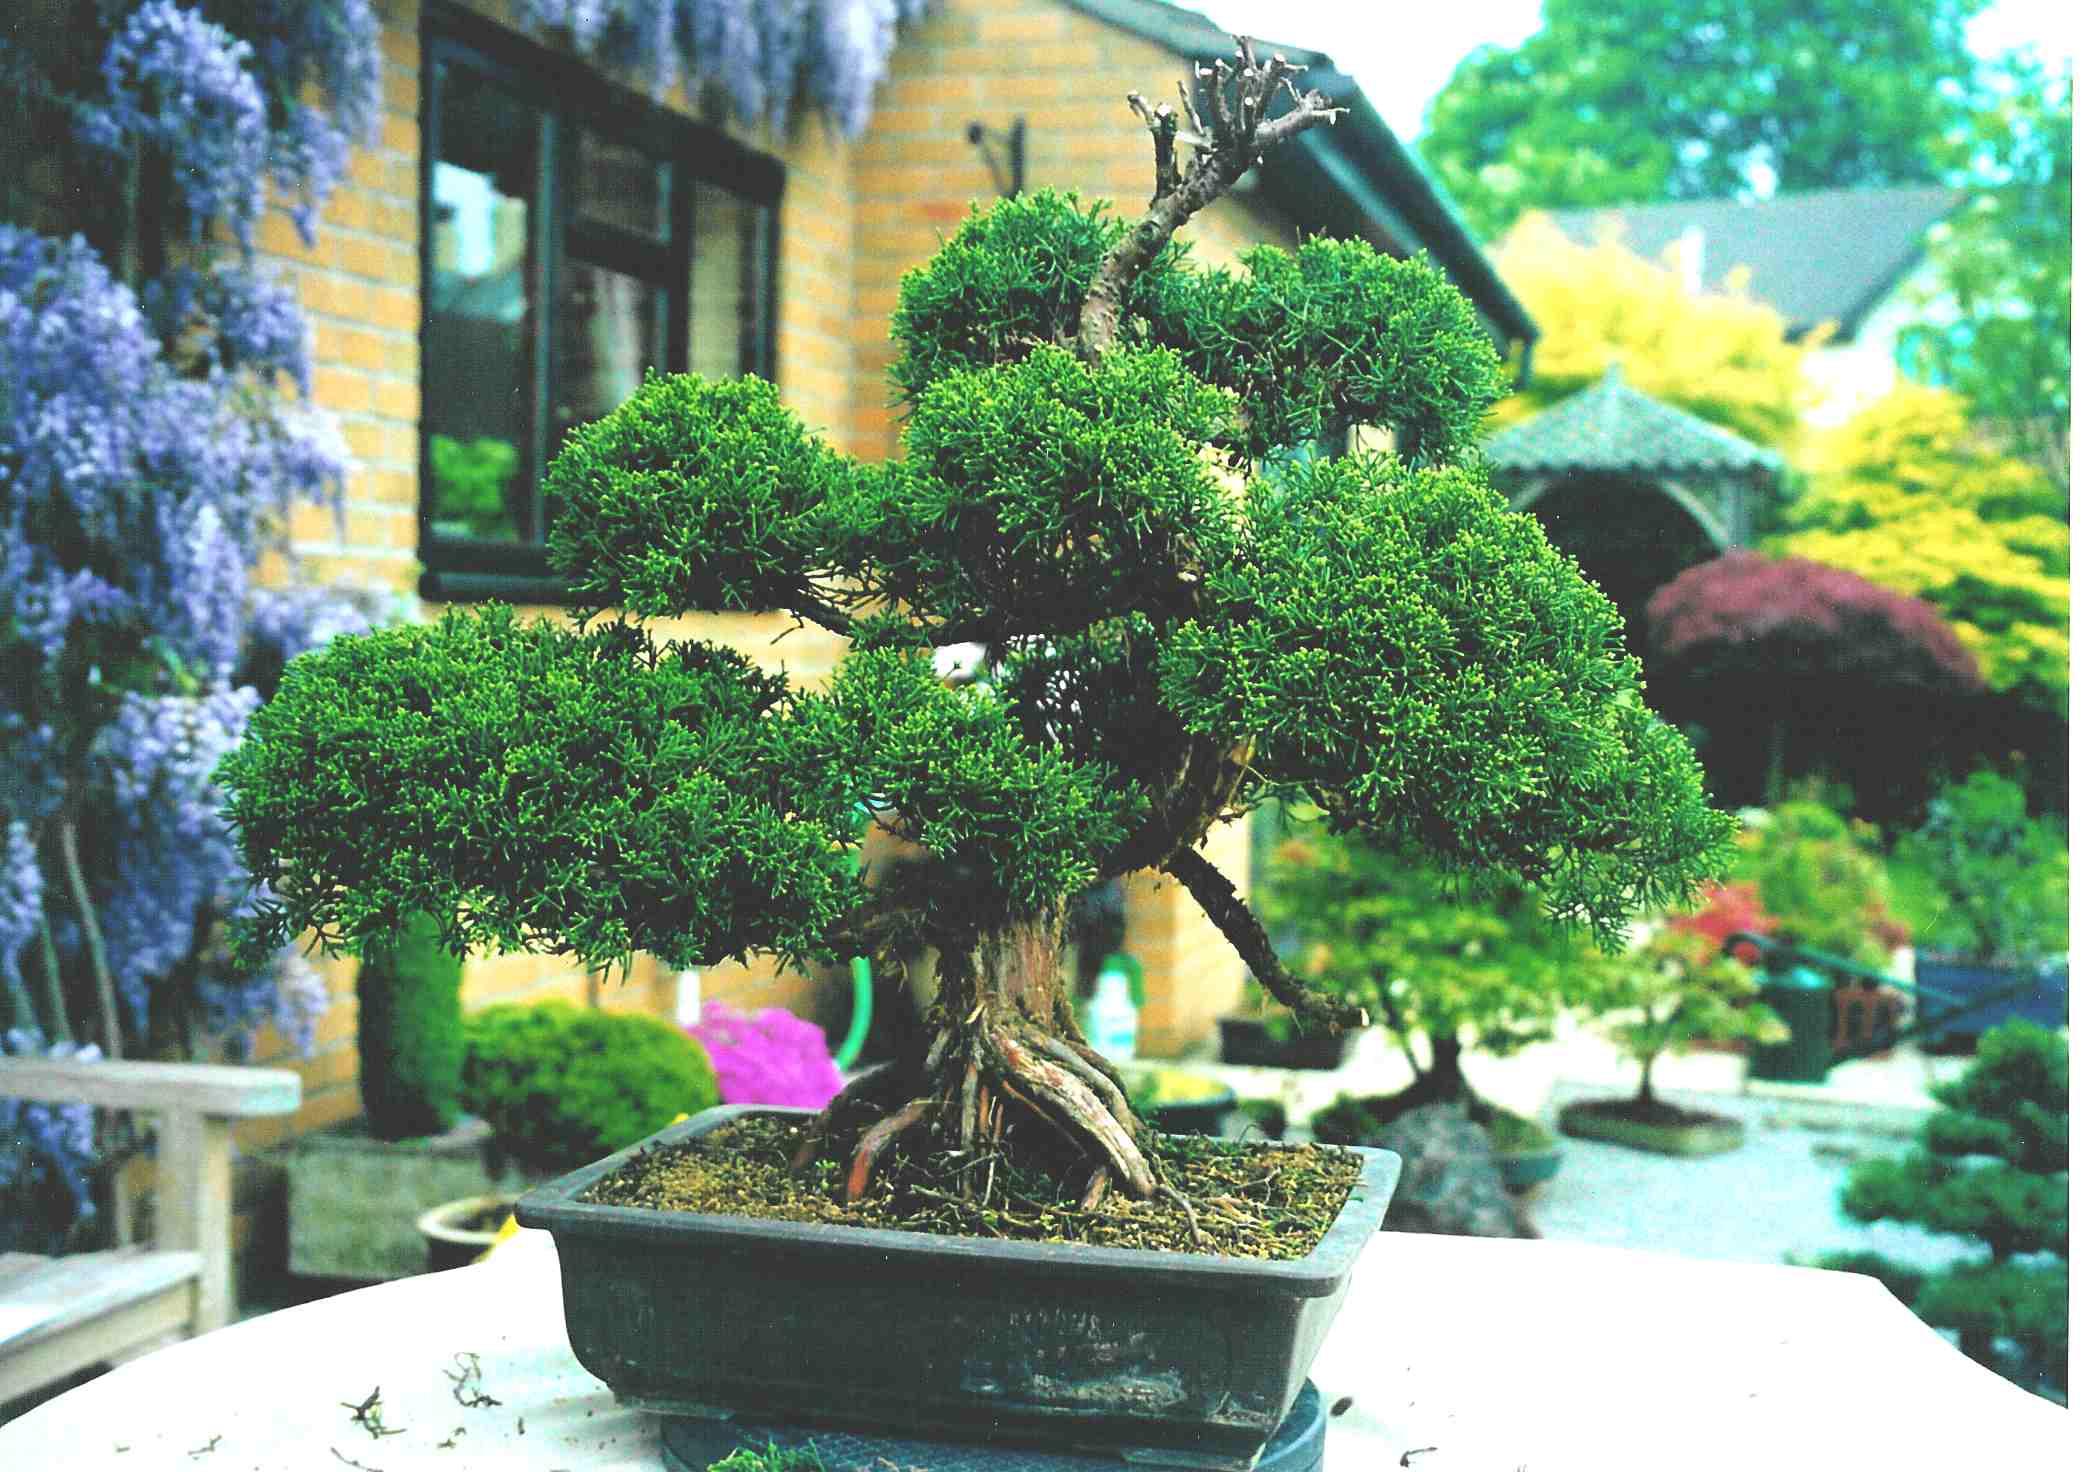 Sargentii juniper